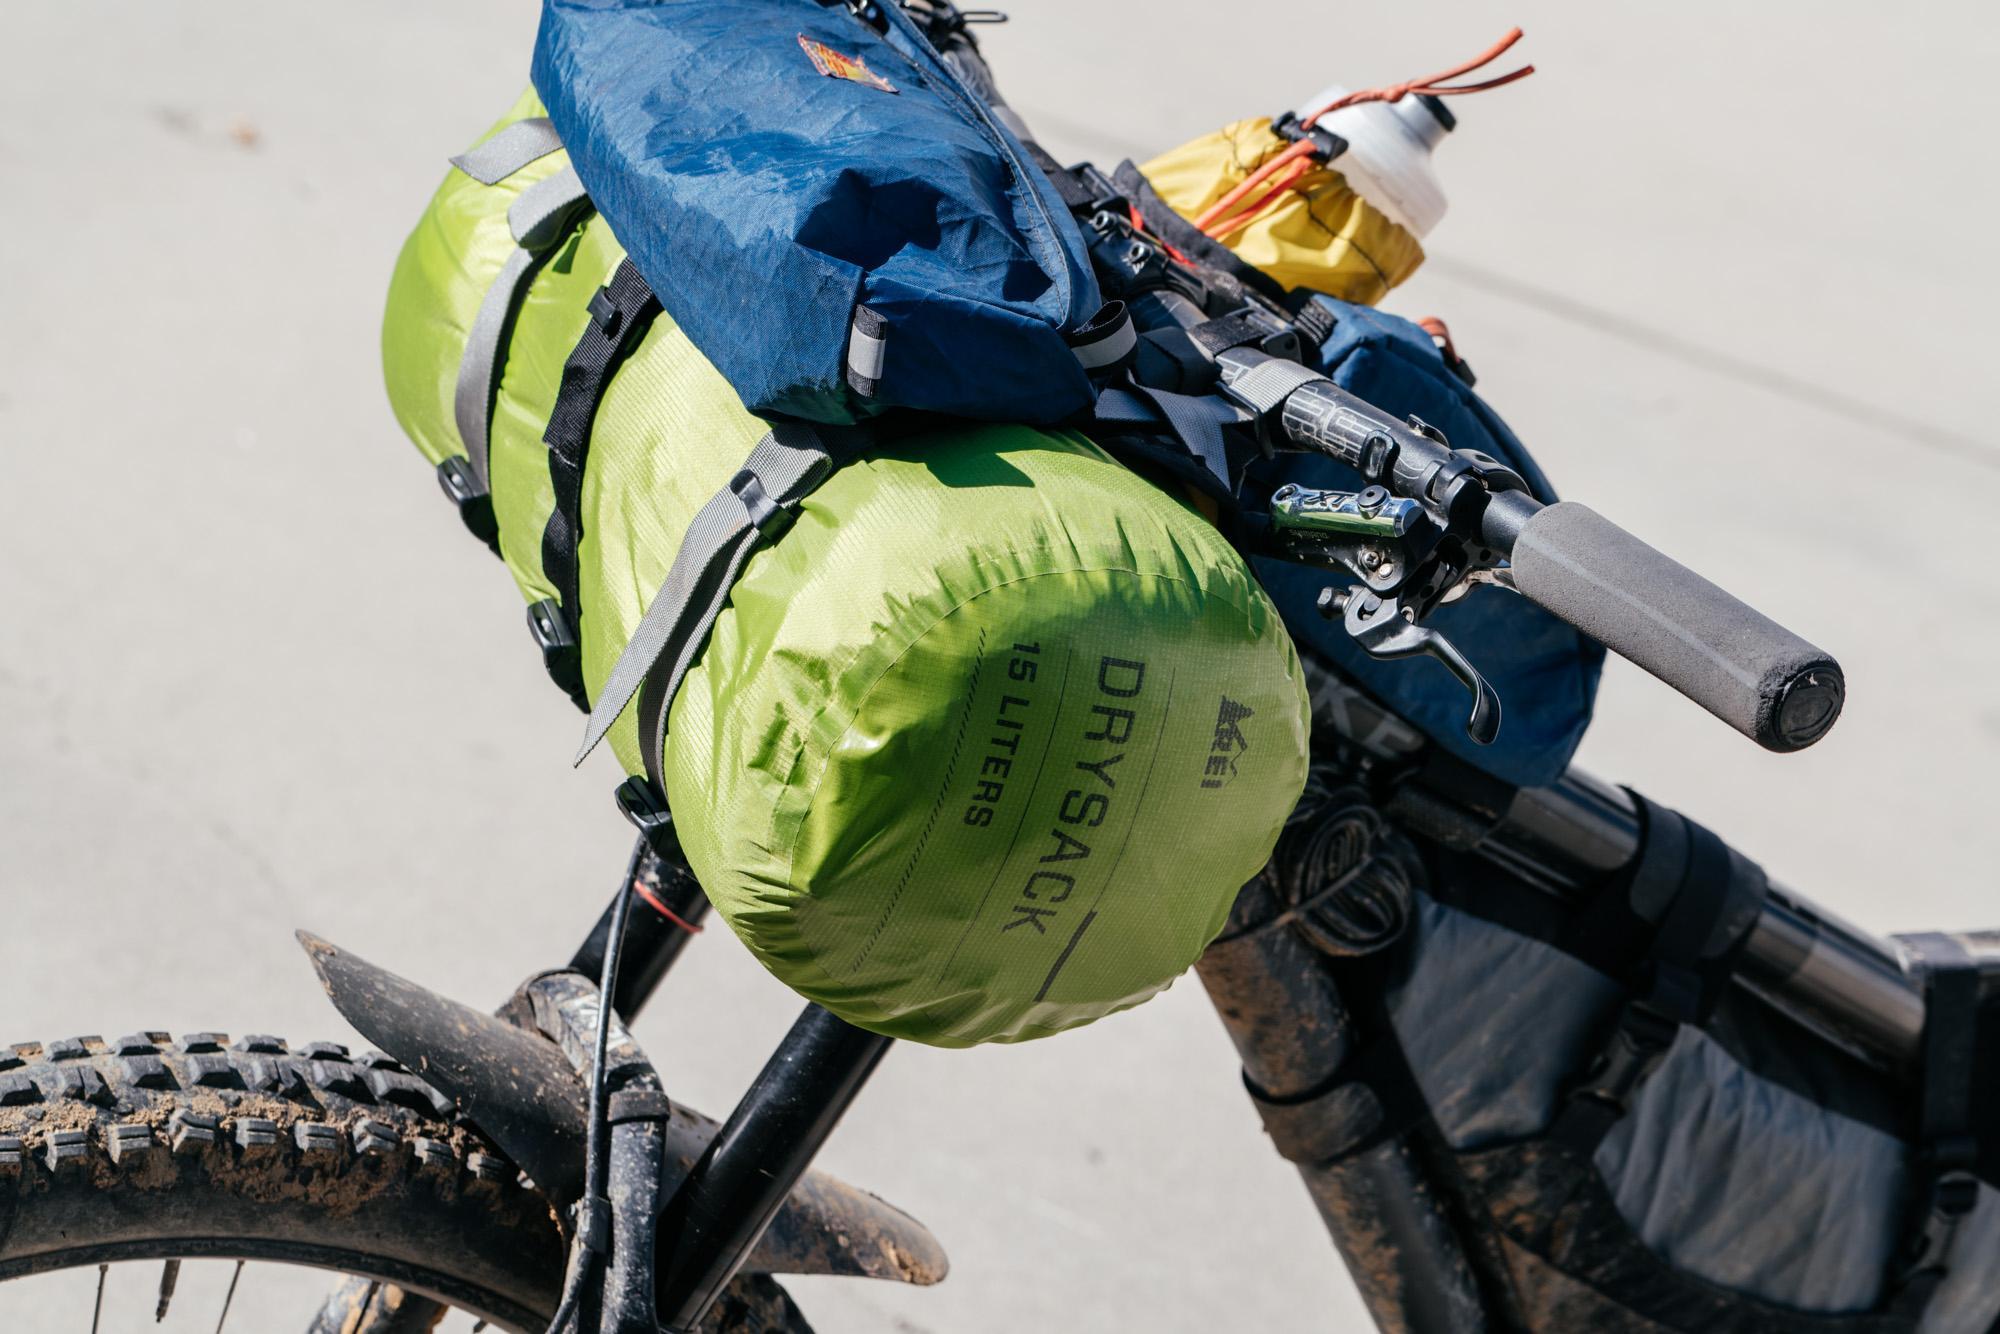 Sean's Stagecoach 400 NS Bikes DJAMBO 27.5+ MTB